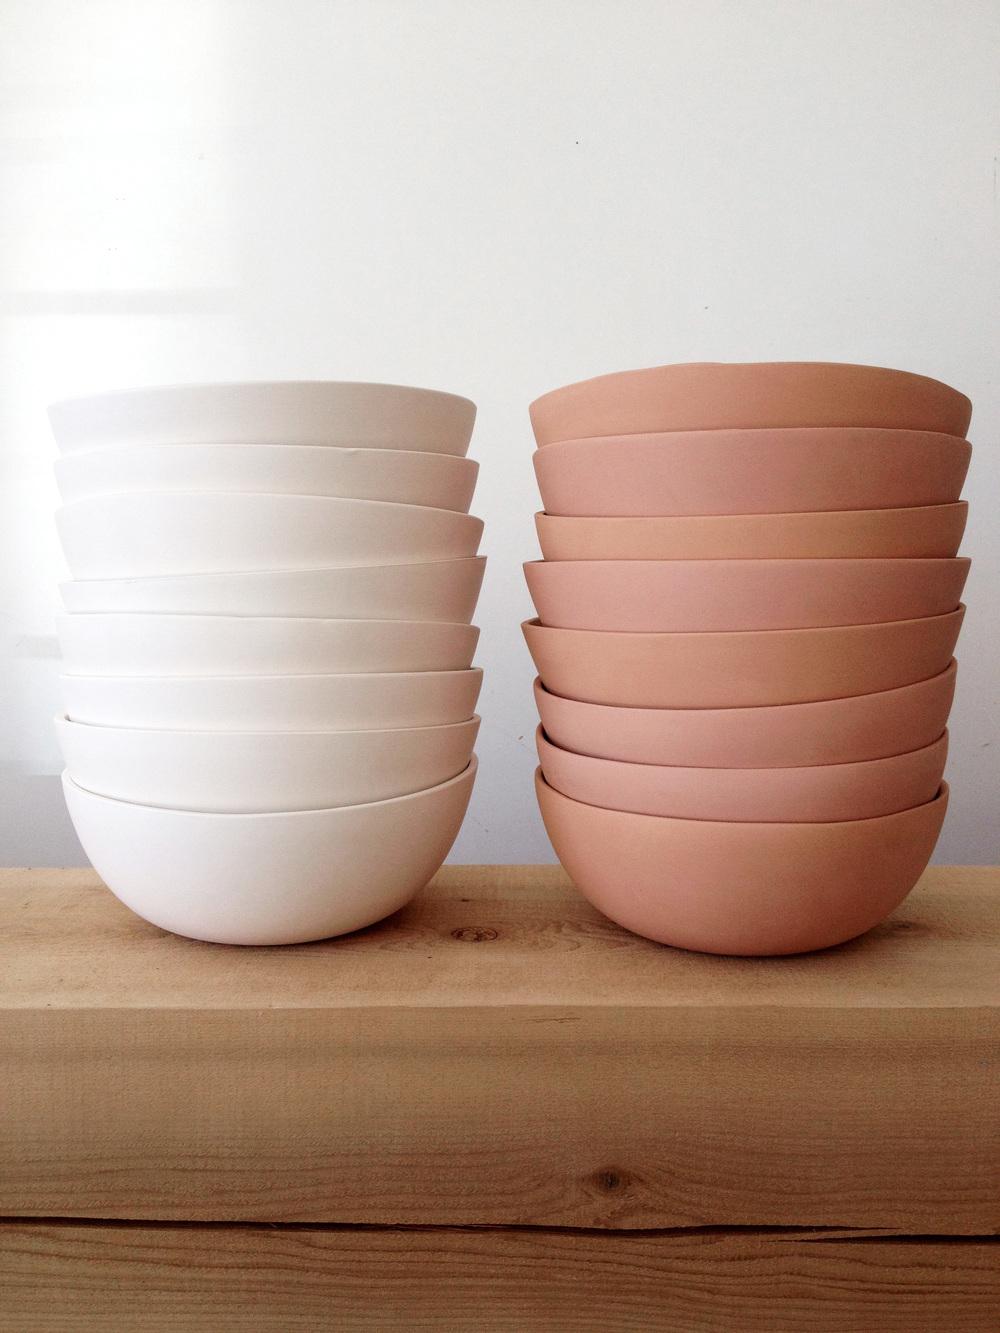 LeftWhite Earthenware w/ Clear Inner Glaze RightRaw Terracotta